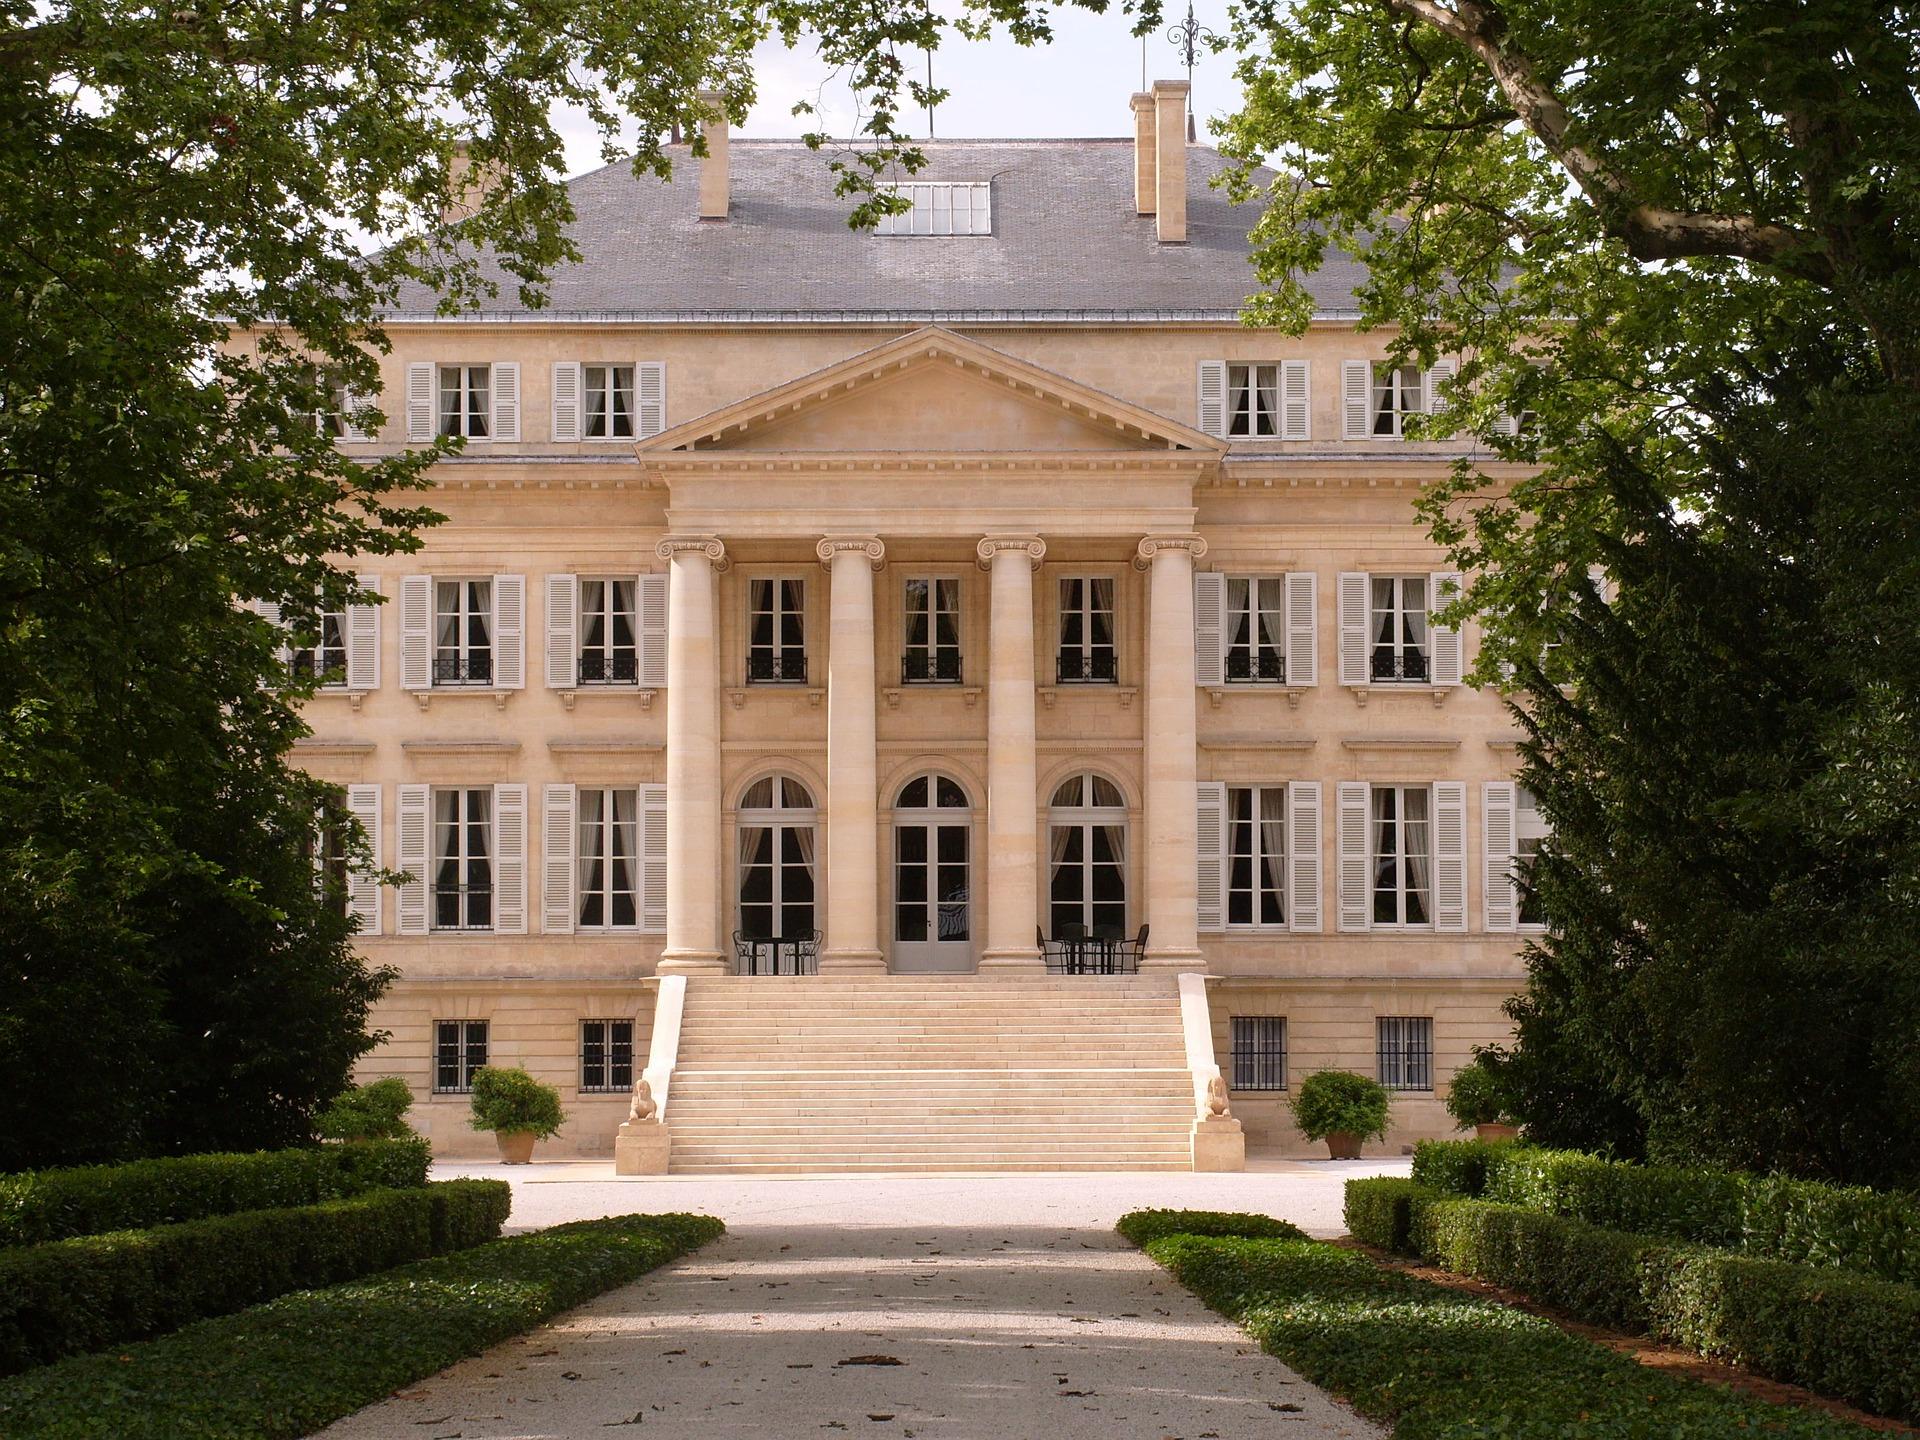 chateau-margaux-459568_1920.jpg